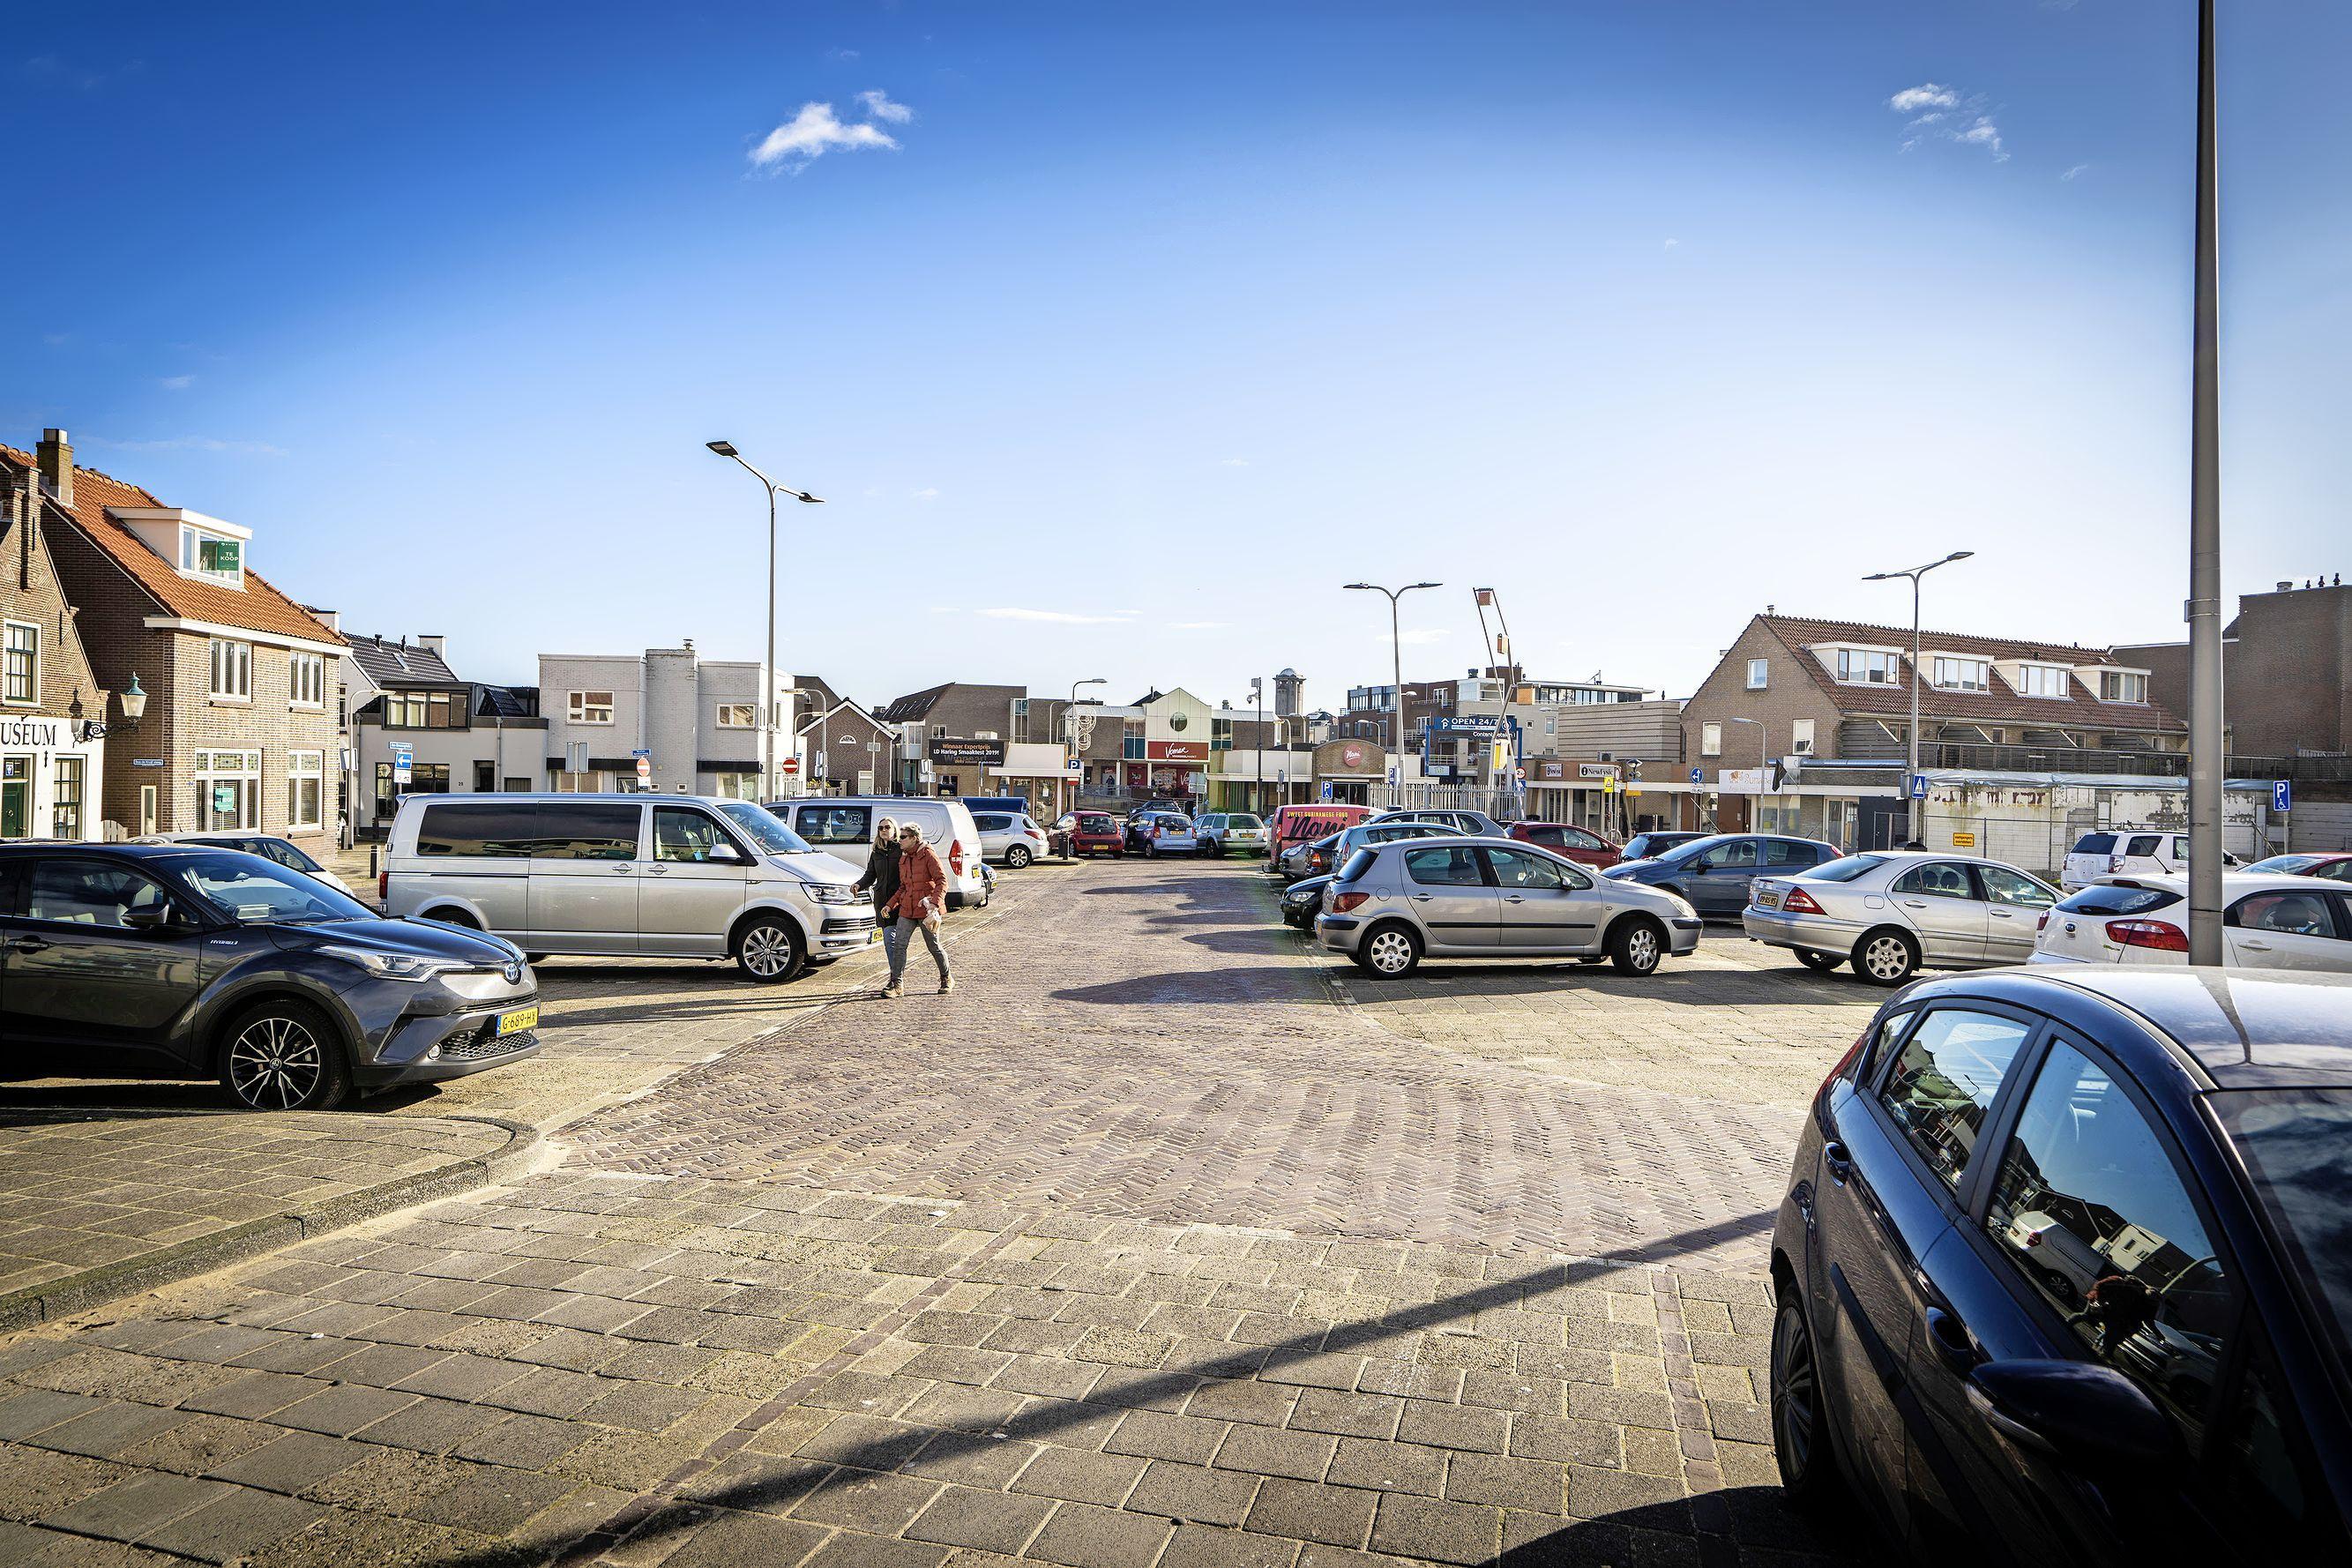 Woningen in plaats van hotel bij herinrichting 'lelijkste plein van Nederland'